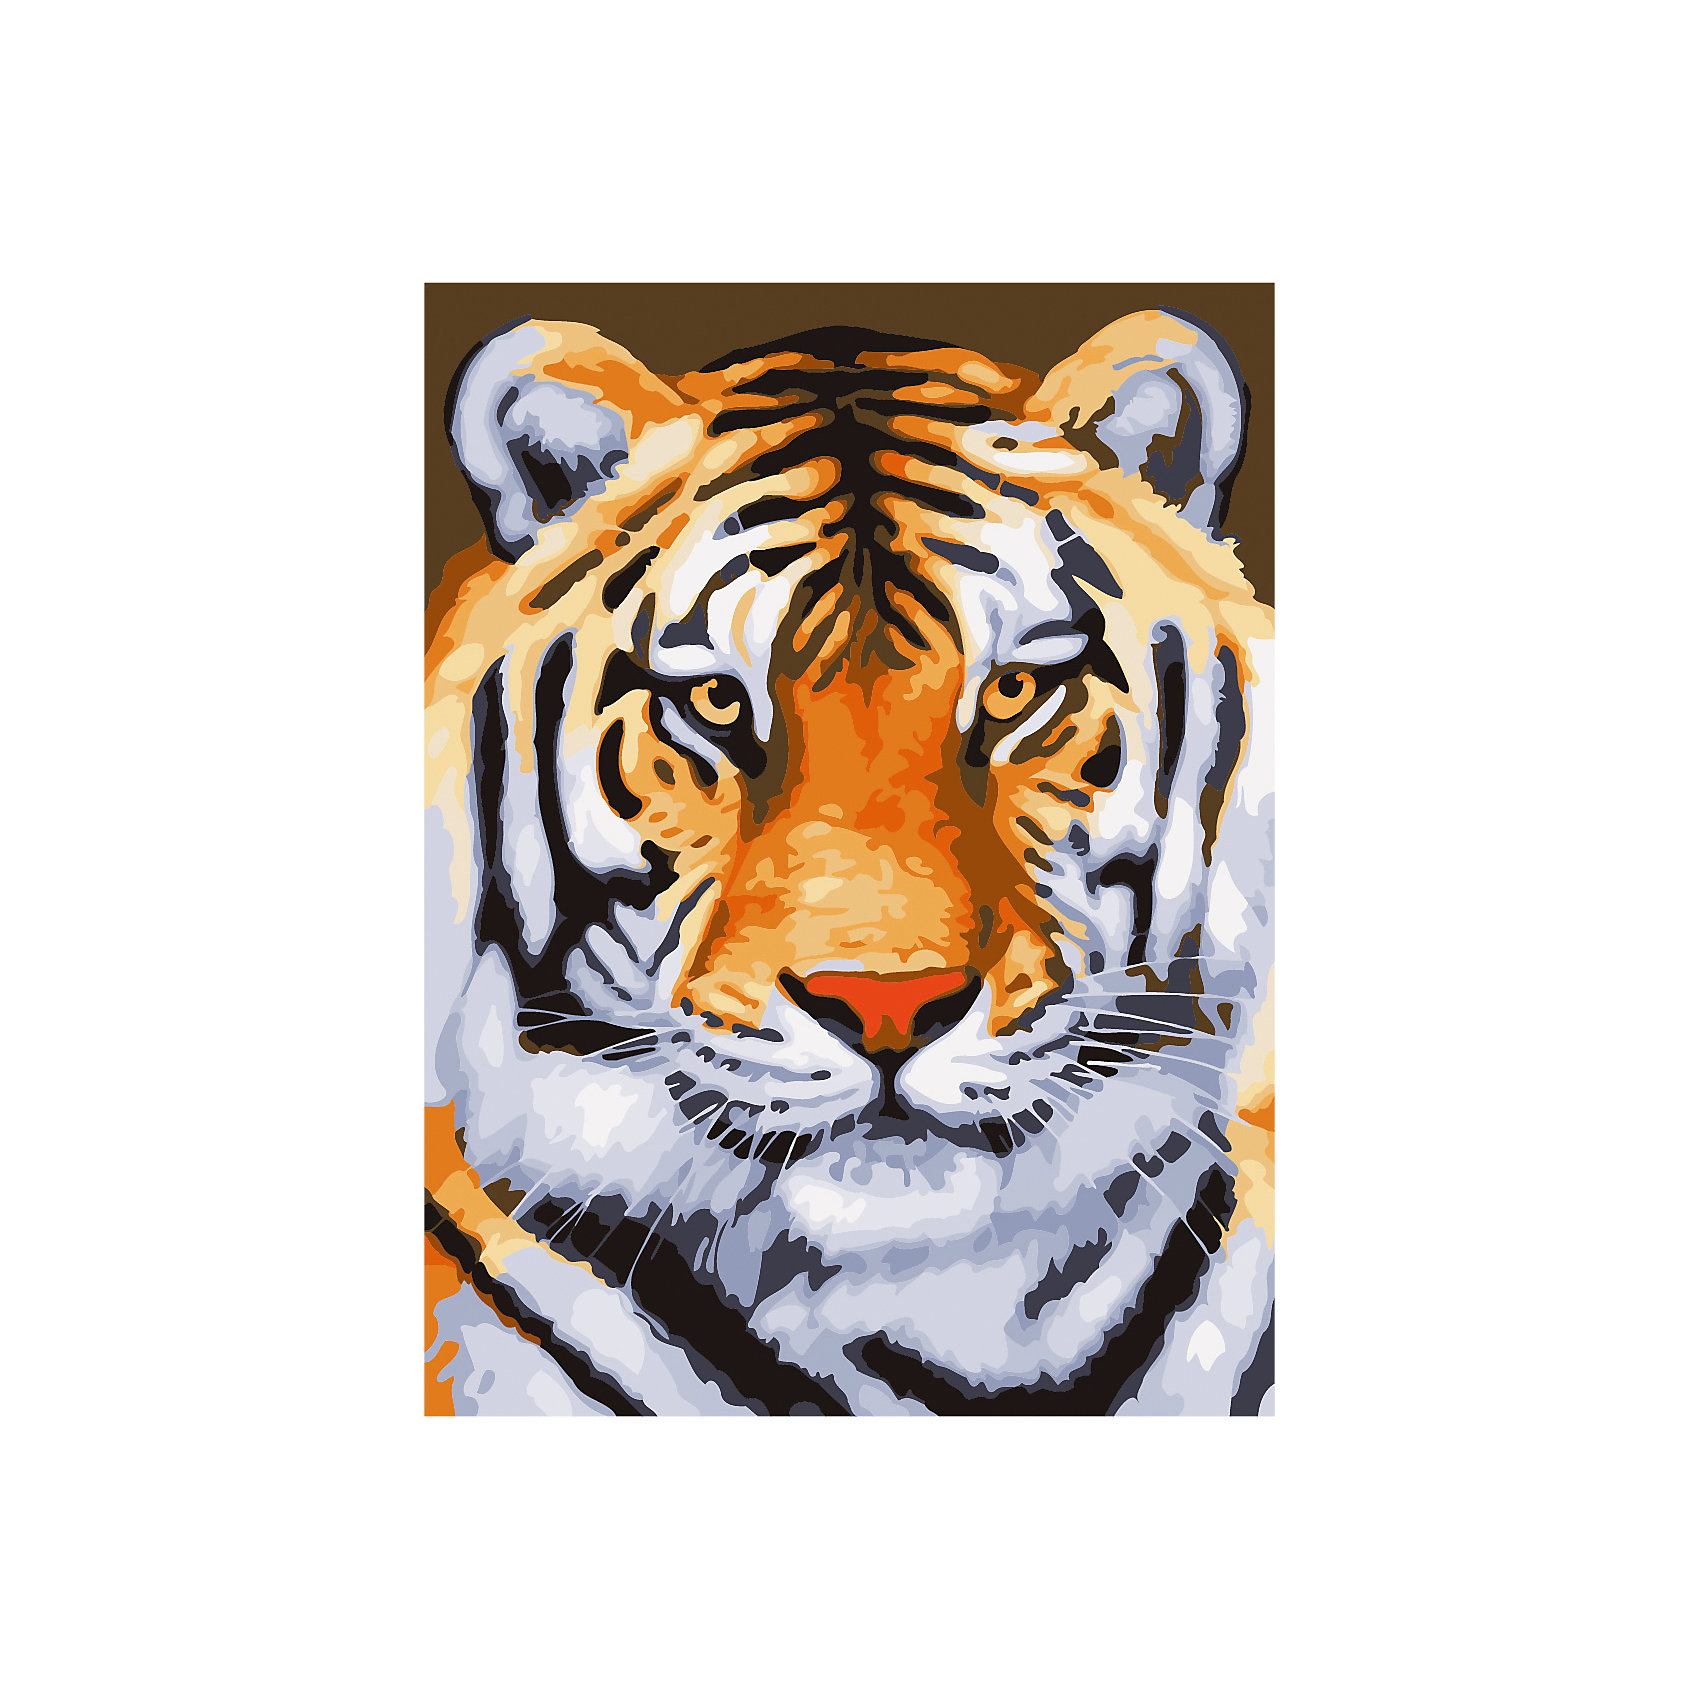 TUKZAR Роспись по номерам Тигр 40*50 см tukzar роспись по номерам вечерняя набережная 40 50 см